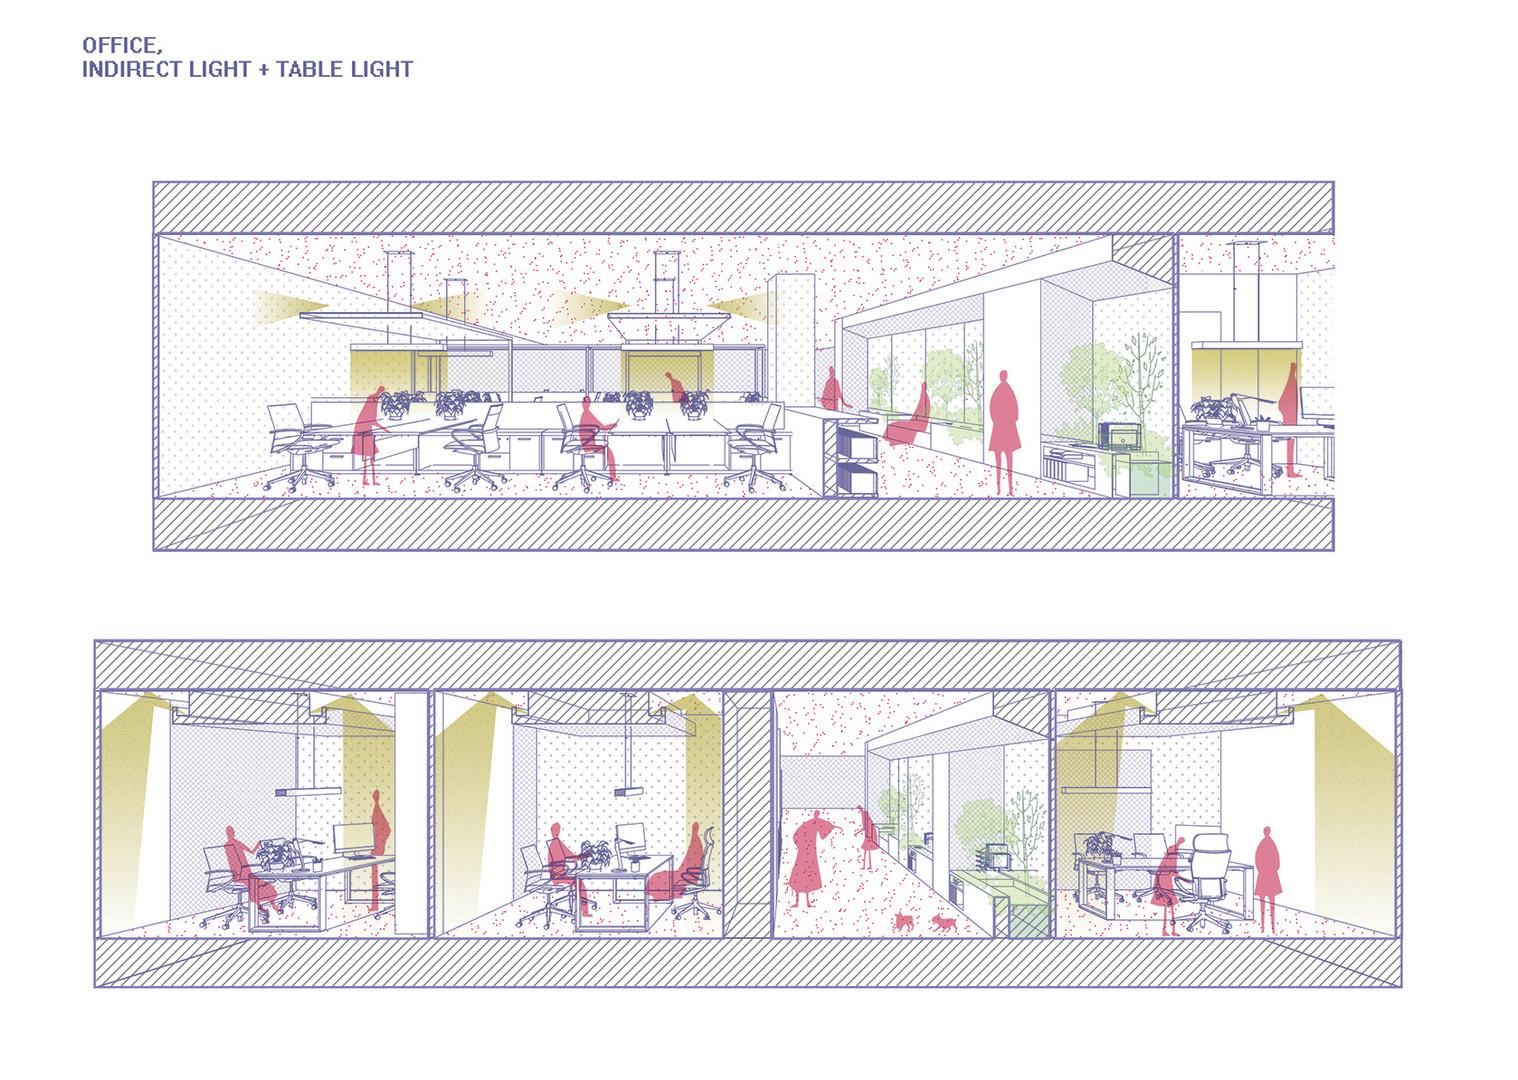 20161213_UGH_Diagram_Office_lighting.jpg